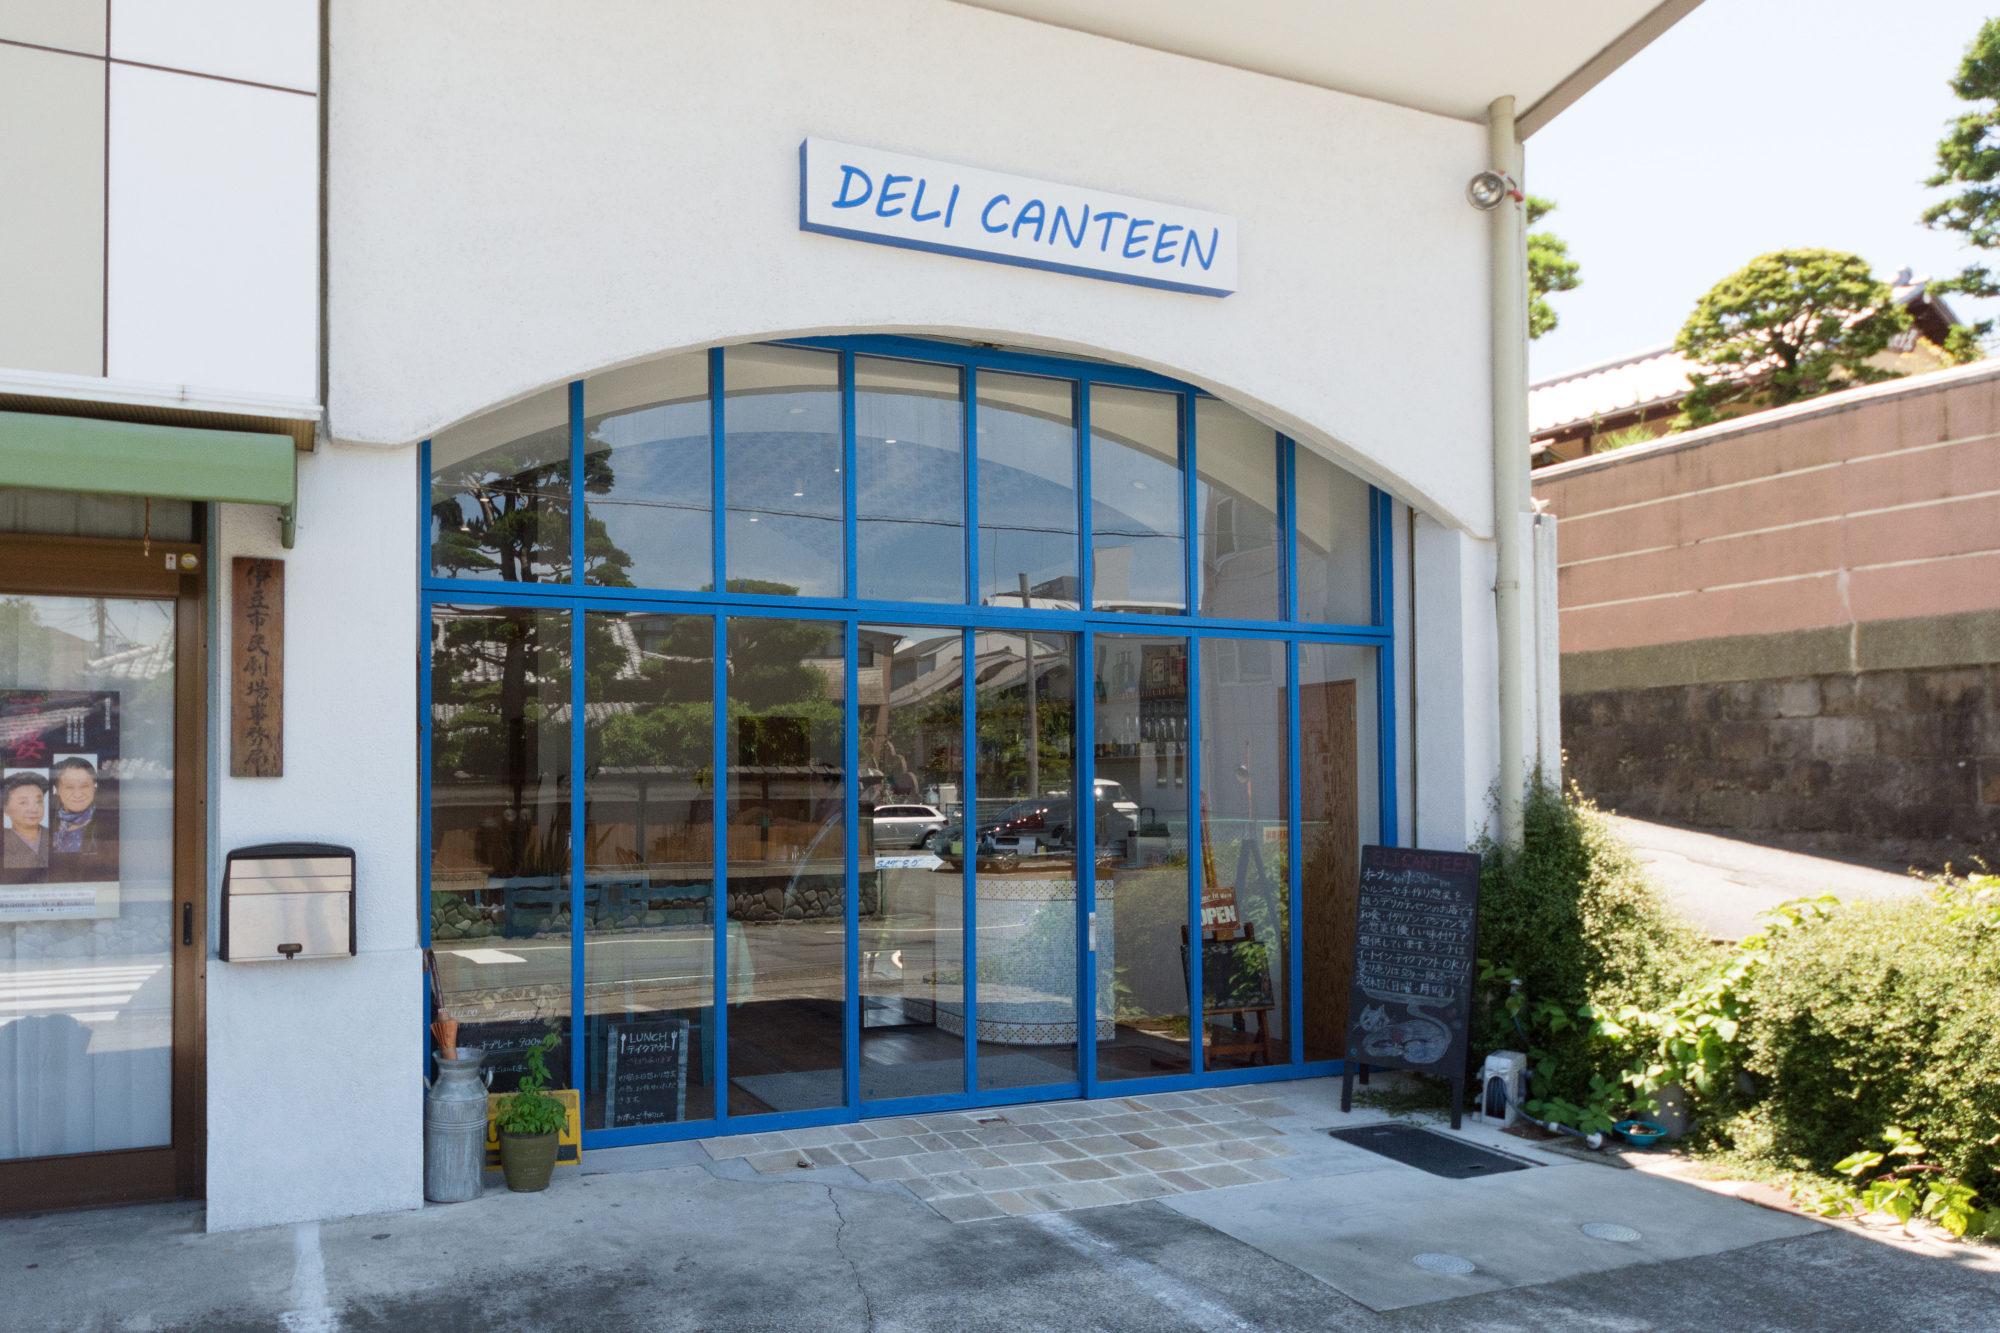 DELI CANTEEN(デリ キャンティーン)